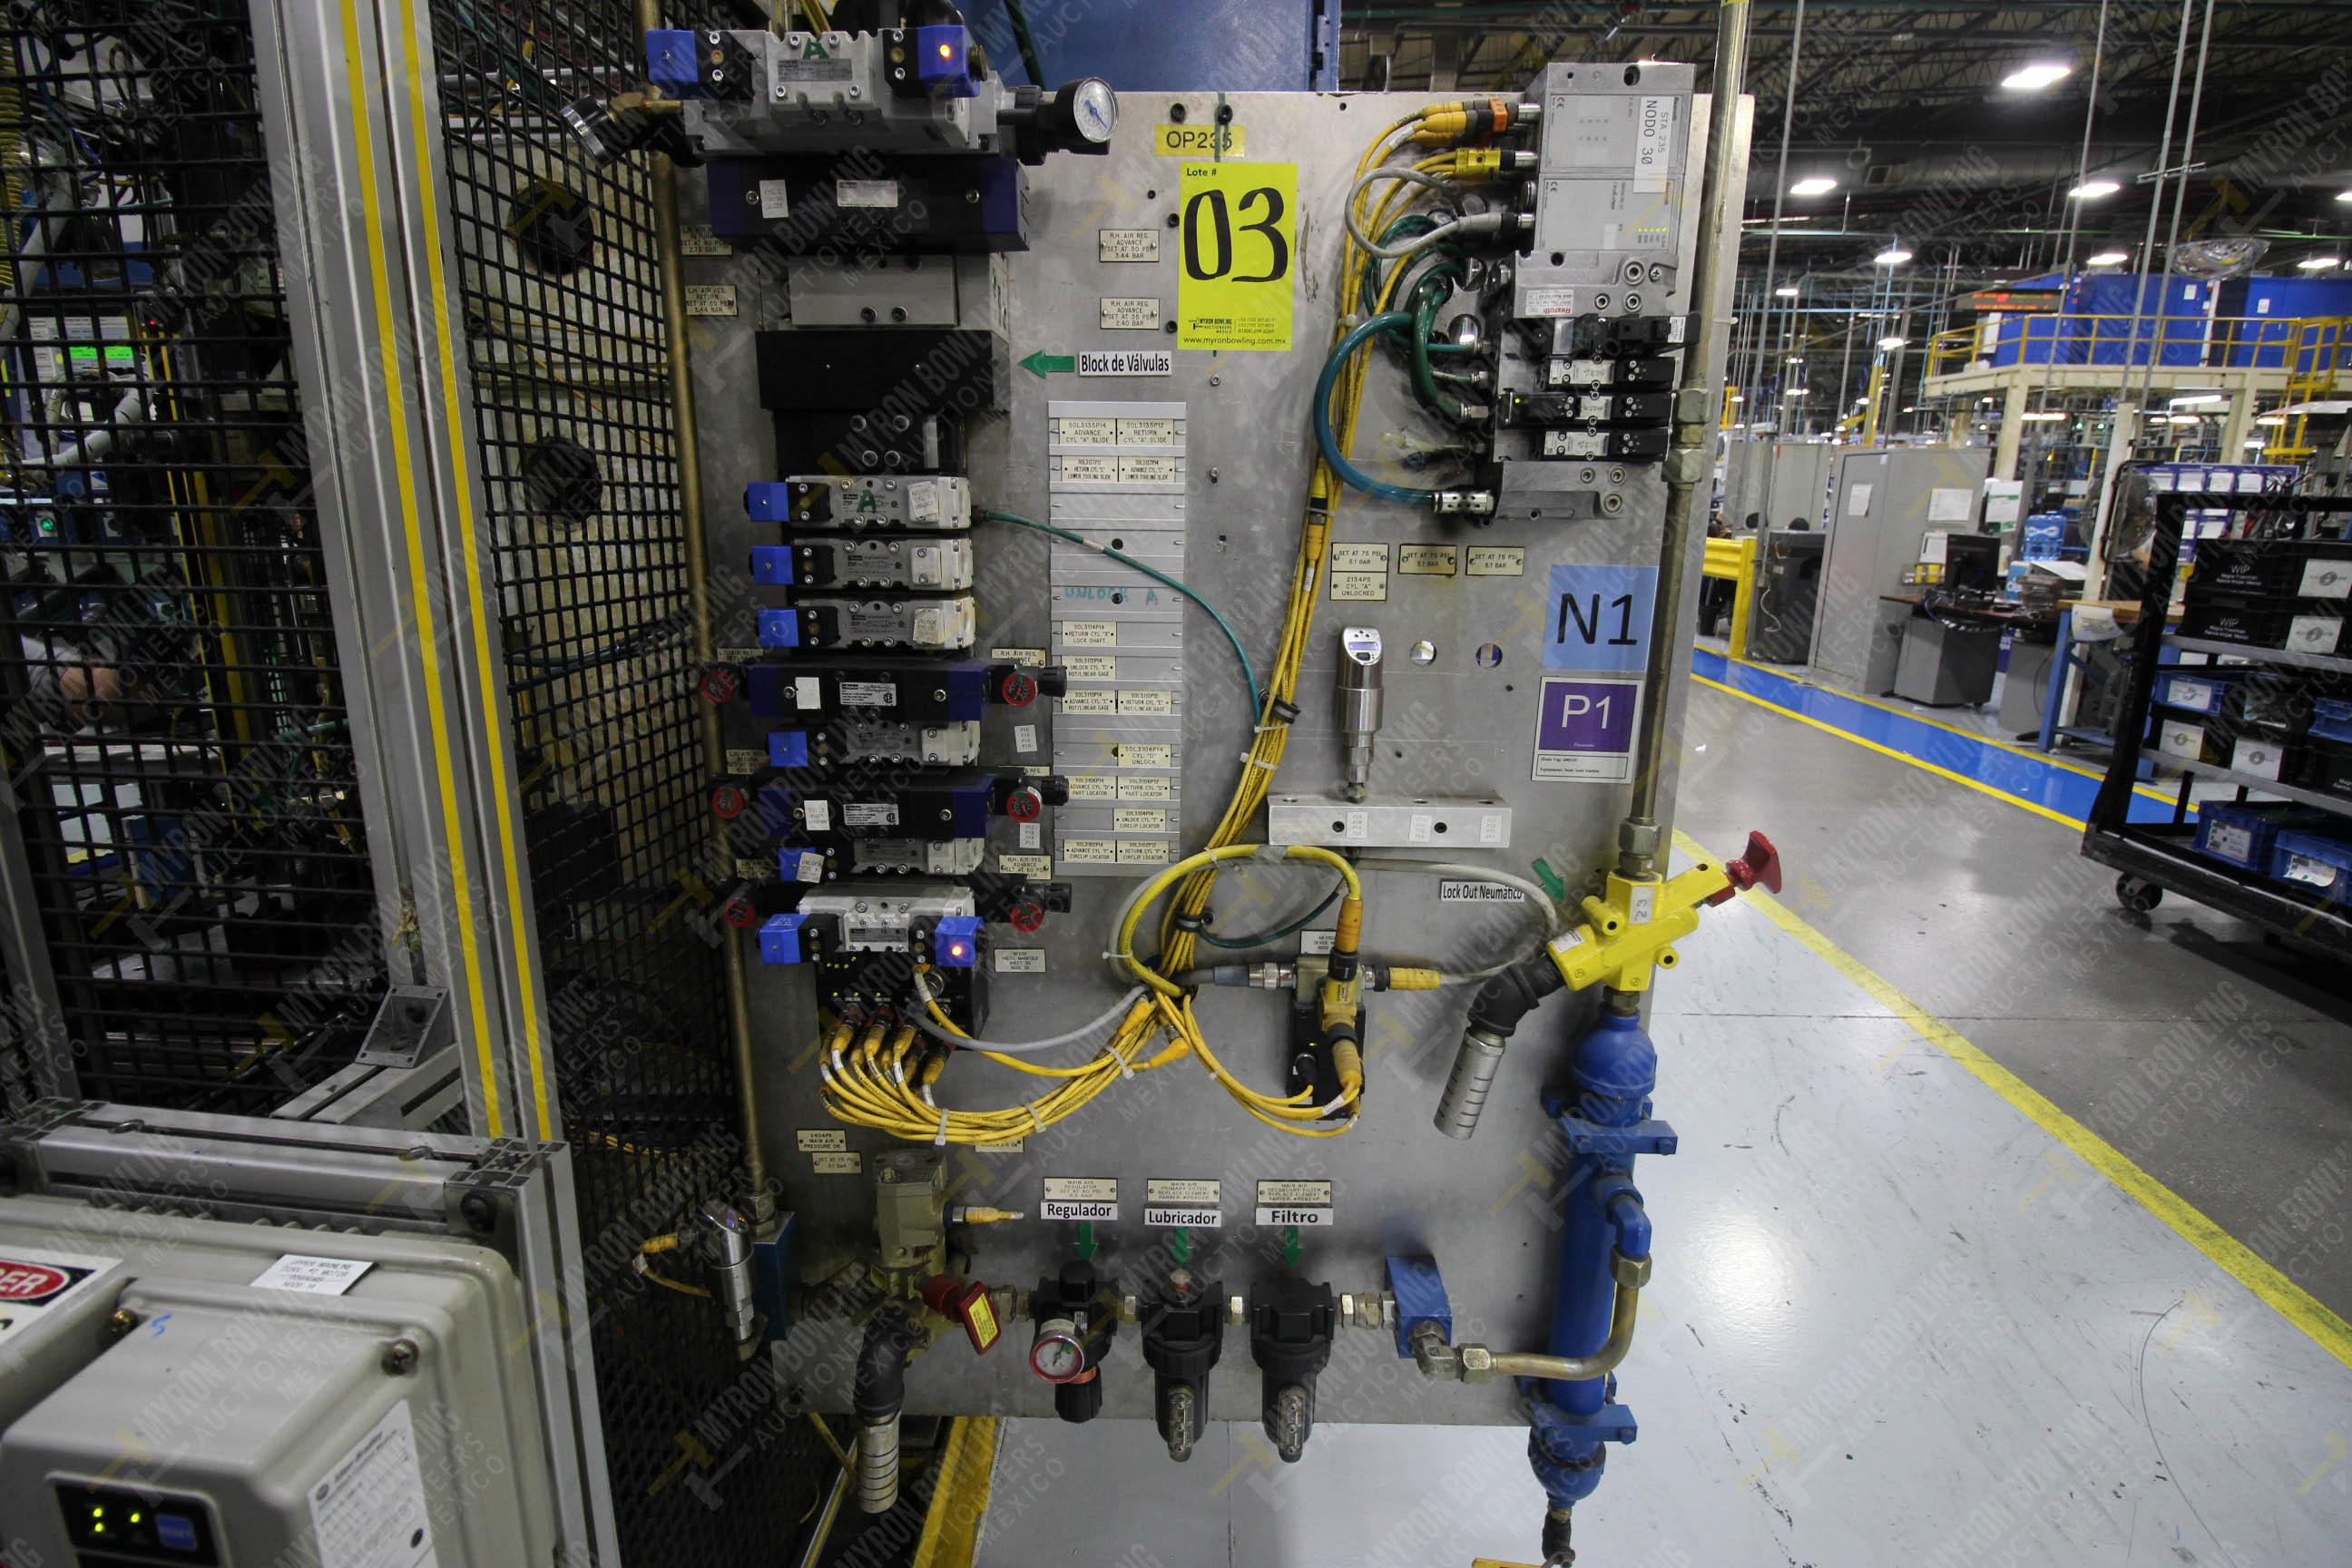 Estación semiautomáticapara operación 235 de ensamble de candado - Image 11 of 22